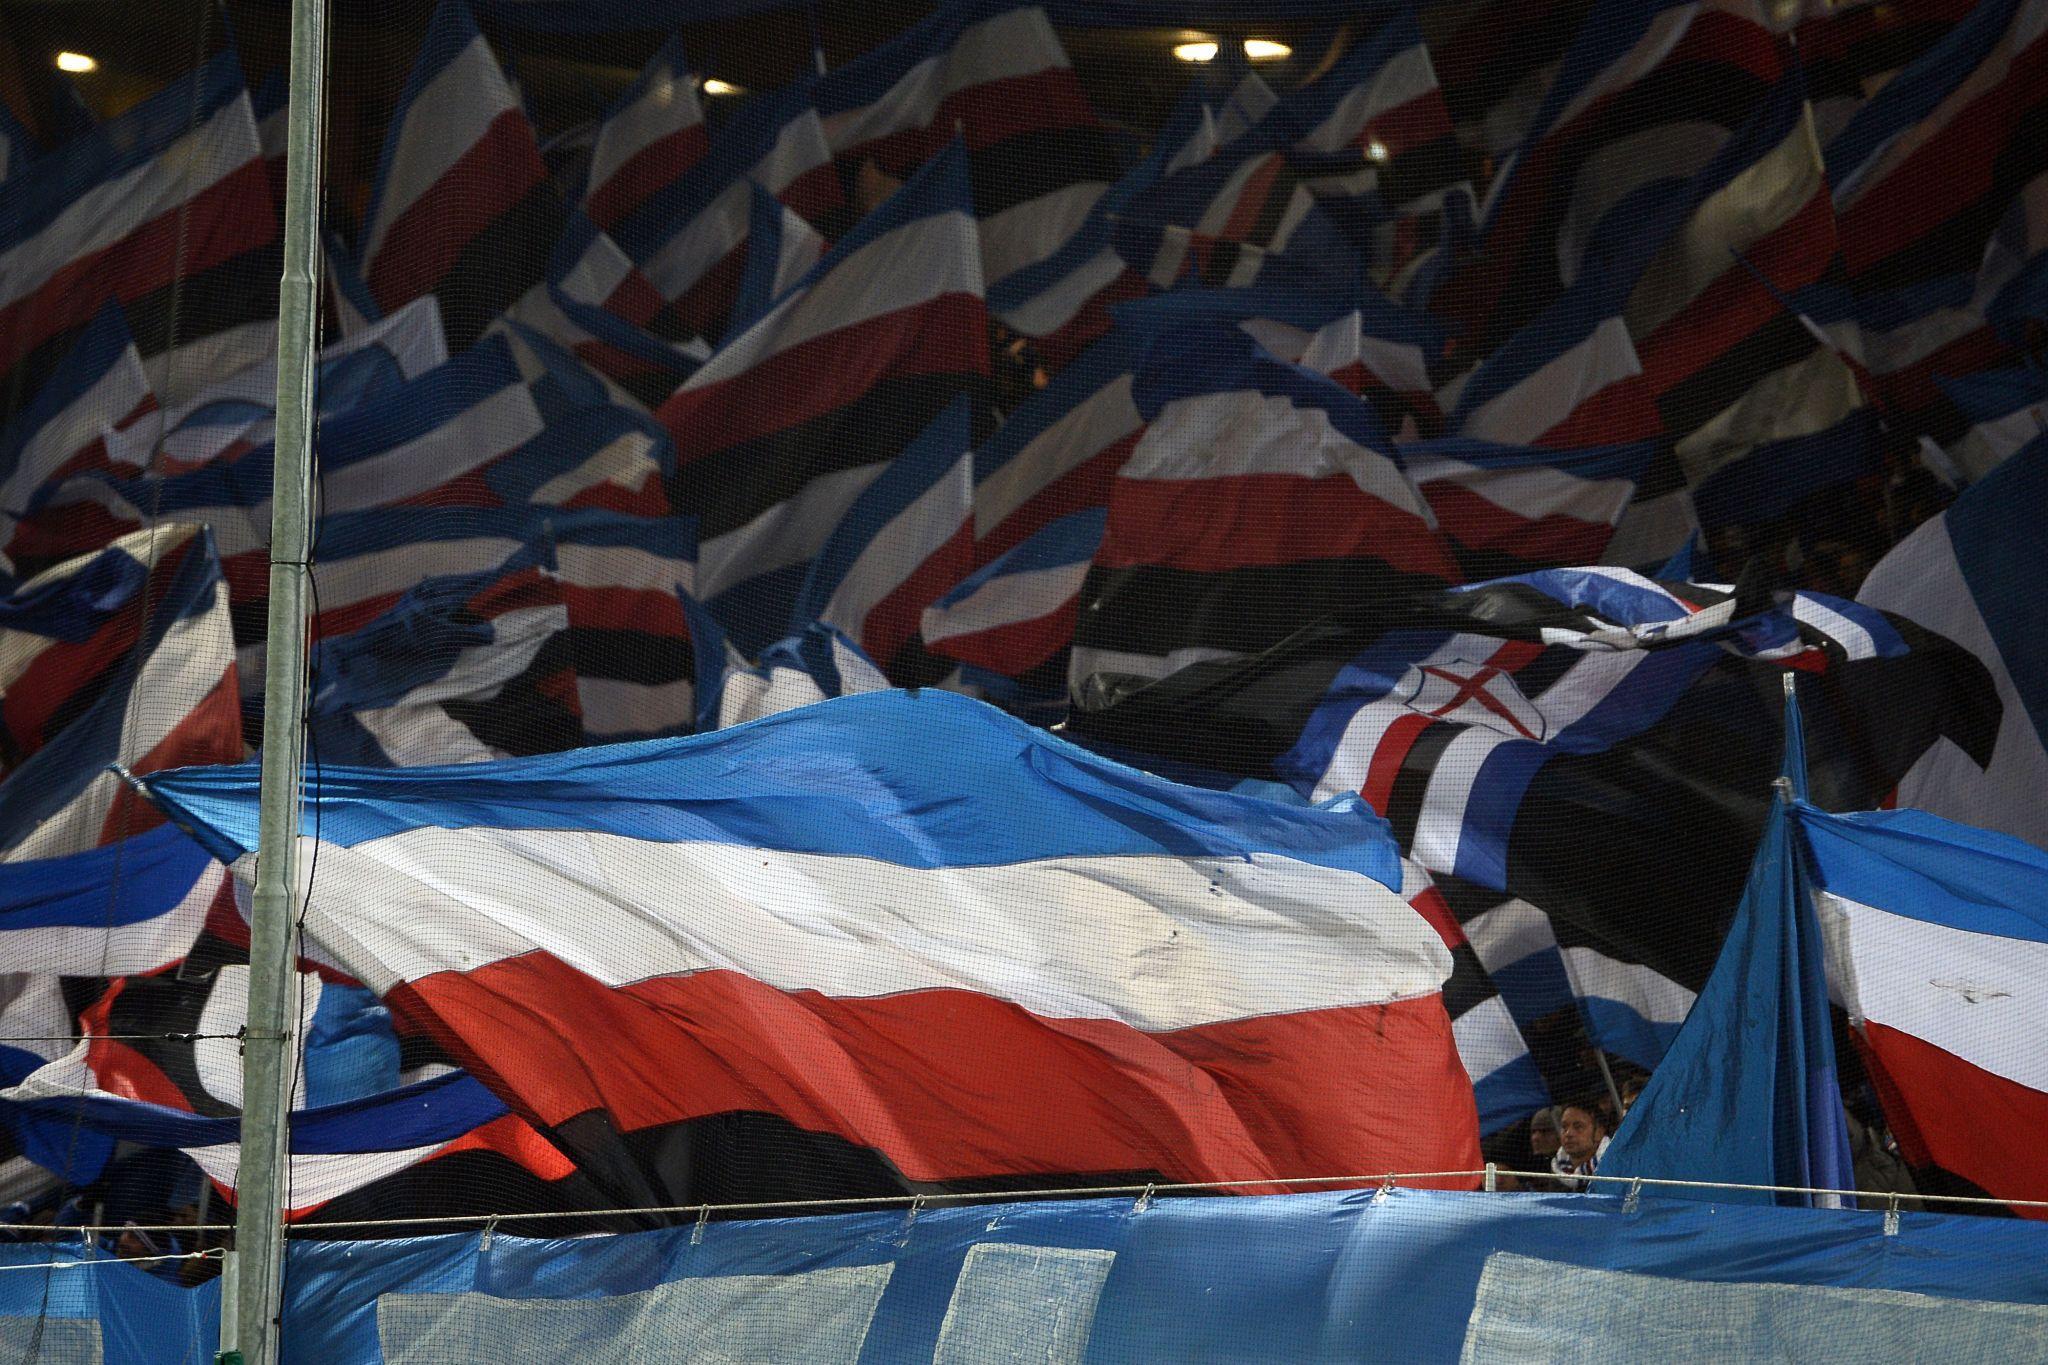 70diNoi: Samp-Cagliari 3-1, è di nuovo Serie A - Samp News 24